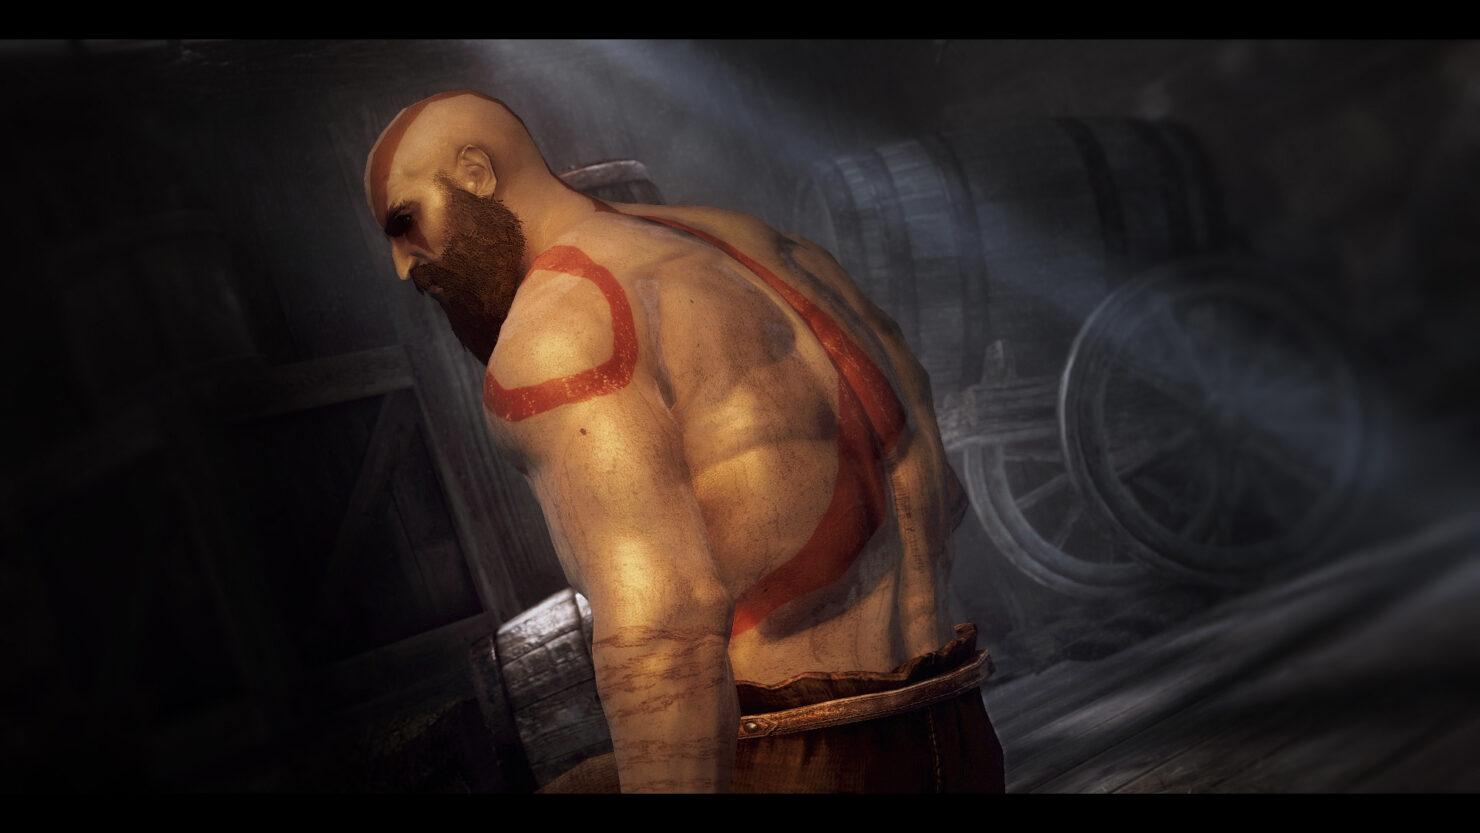 skyrim-god-of-war-mod-kratos-pc-4